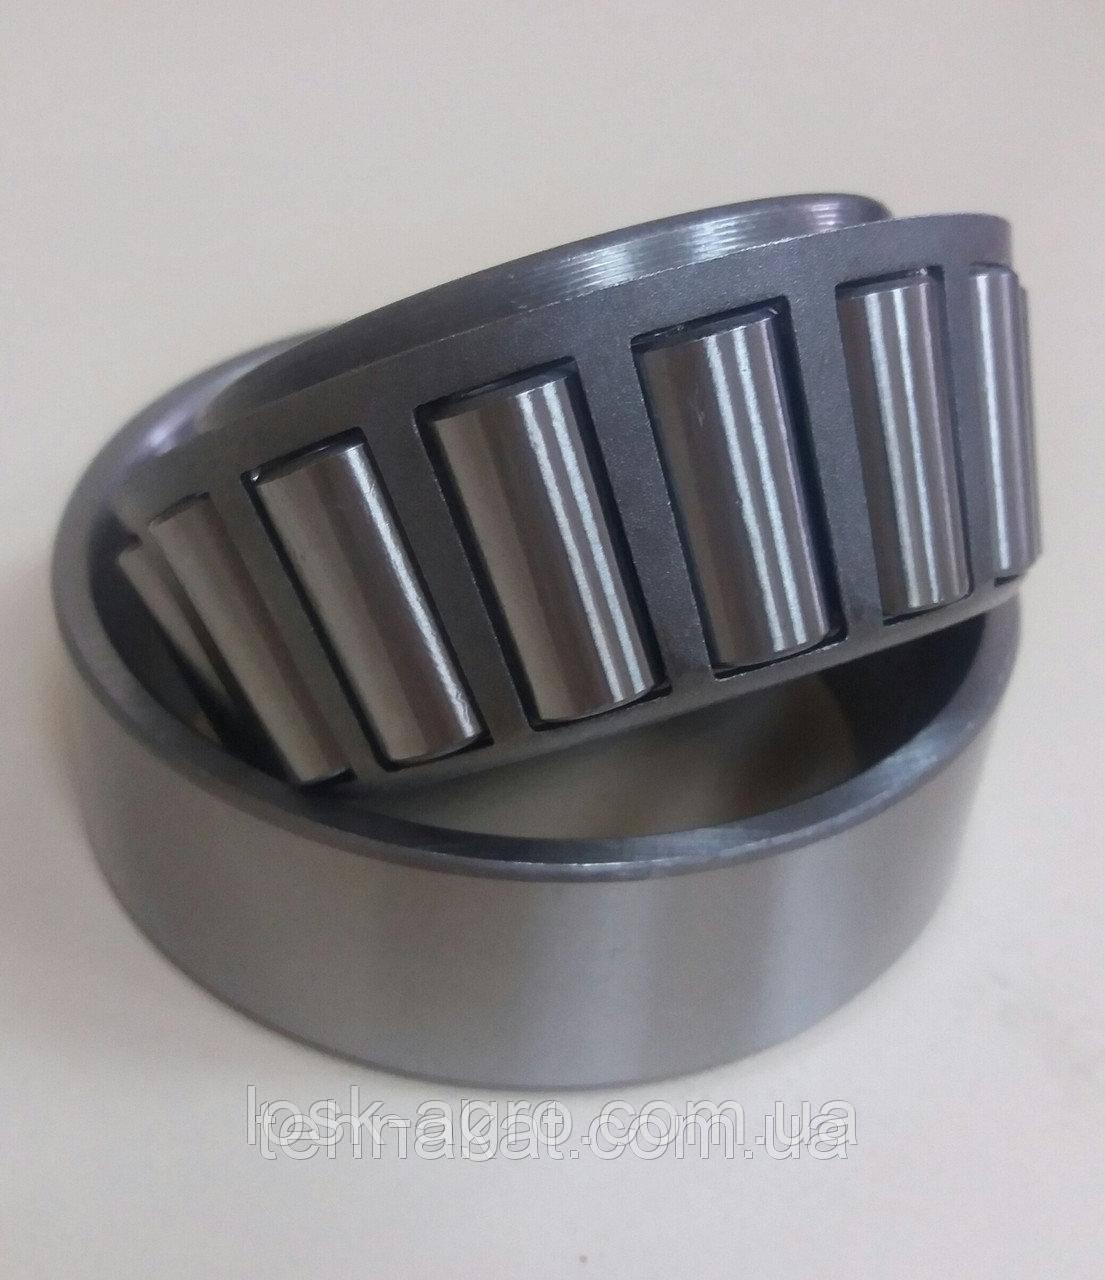 Підшипник маточини передніх коліс,внутрішня опора 7608 (32308) 40*90*35,25